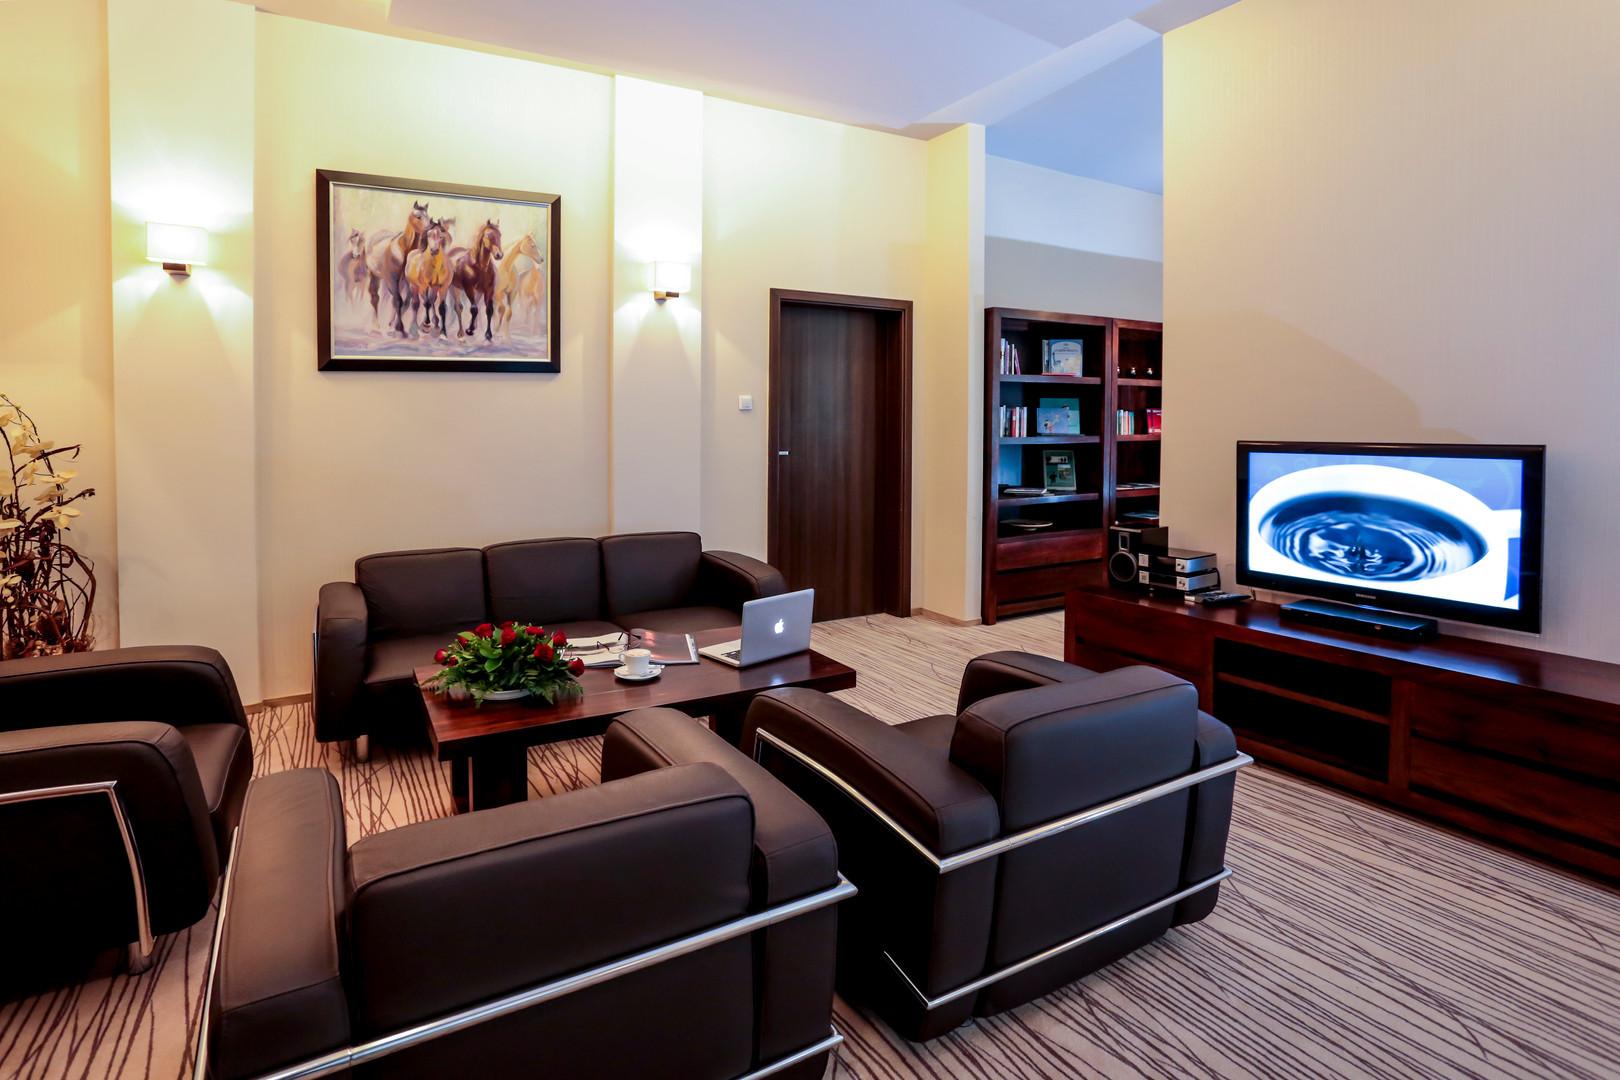 hotel_wilga10.jpg